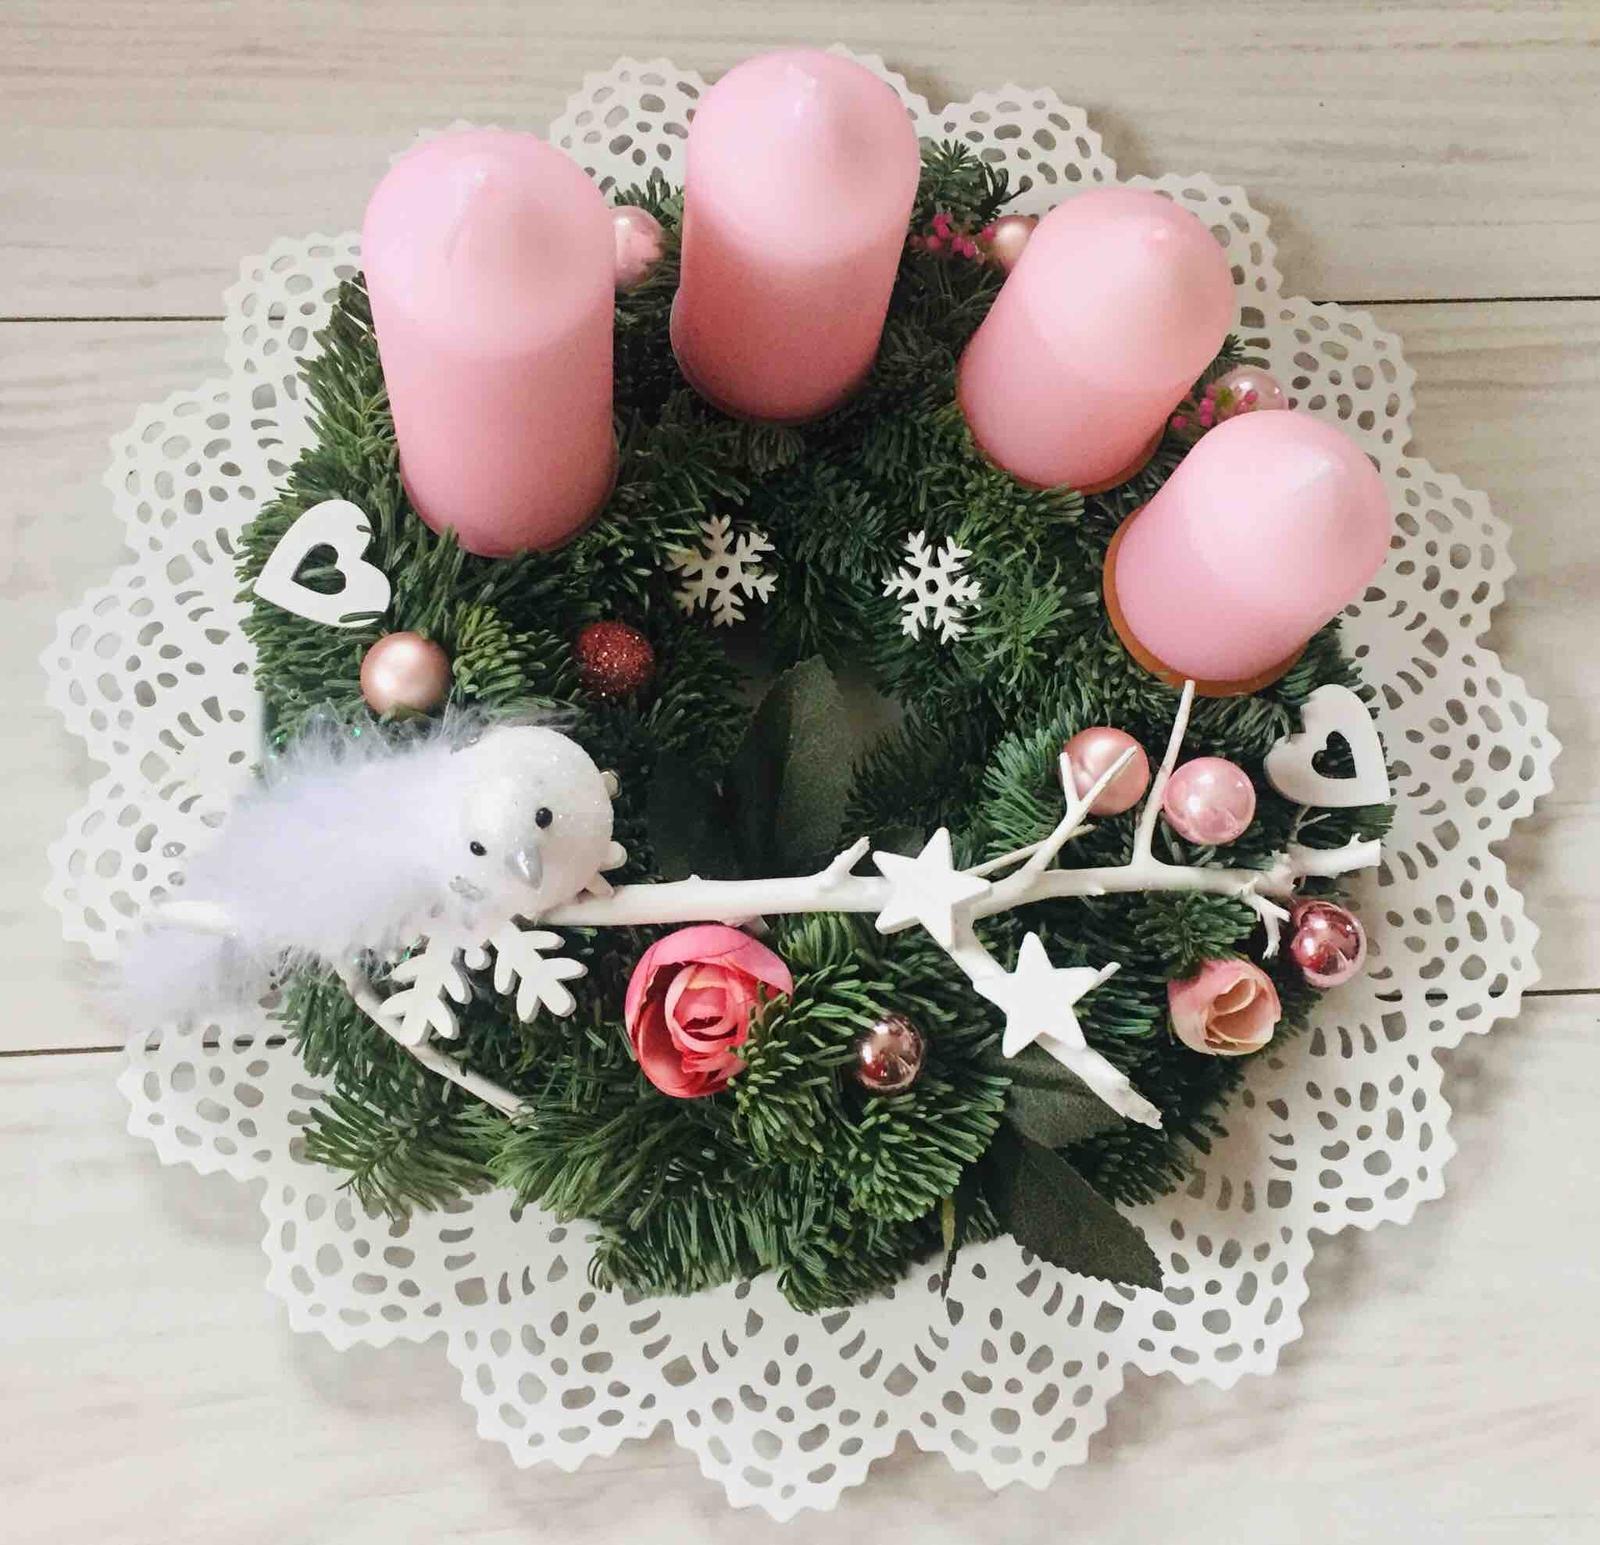 Miluji tvořit - Jako každý rok jsem udělala věnec pro tchýňku, koupila si růžové svíčky, takže volba barvy byla na ni 👍